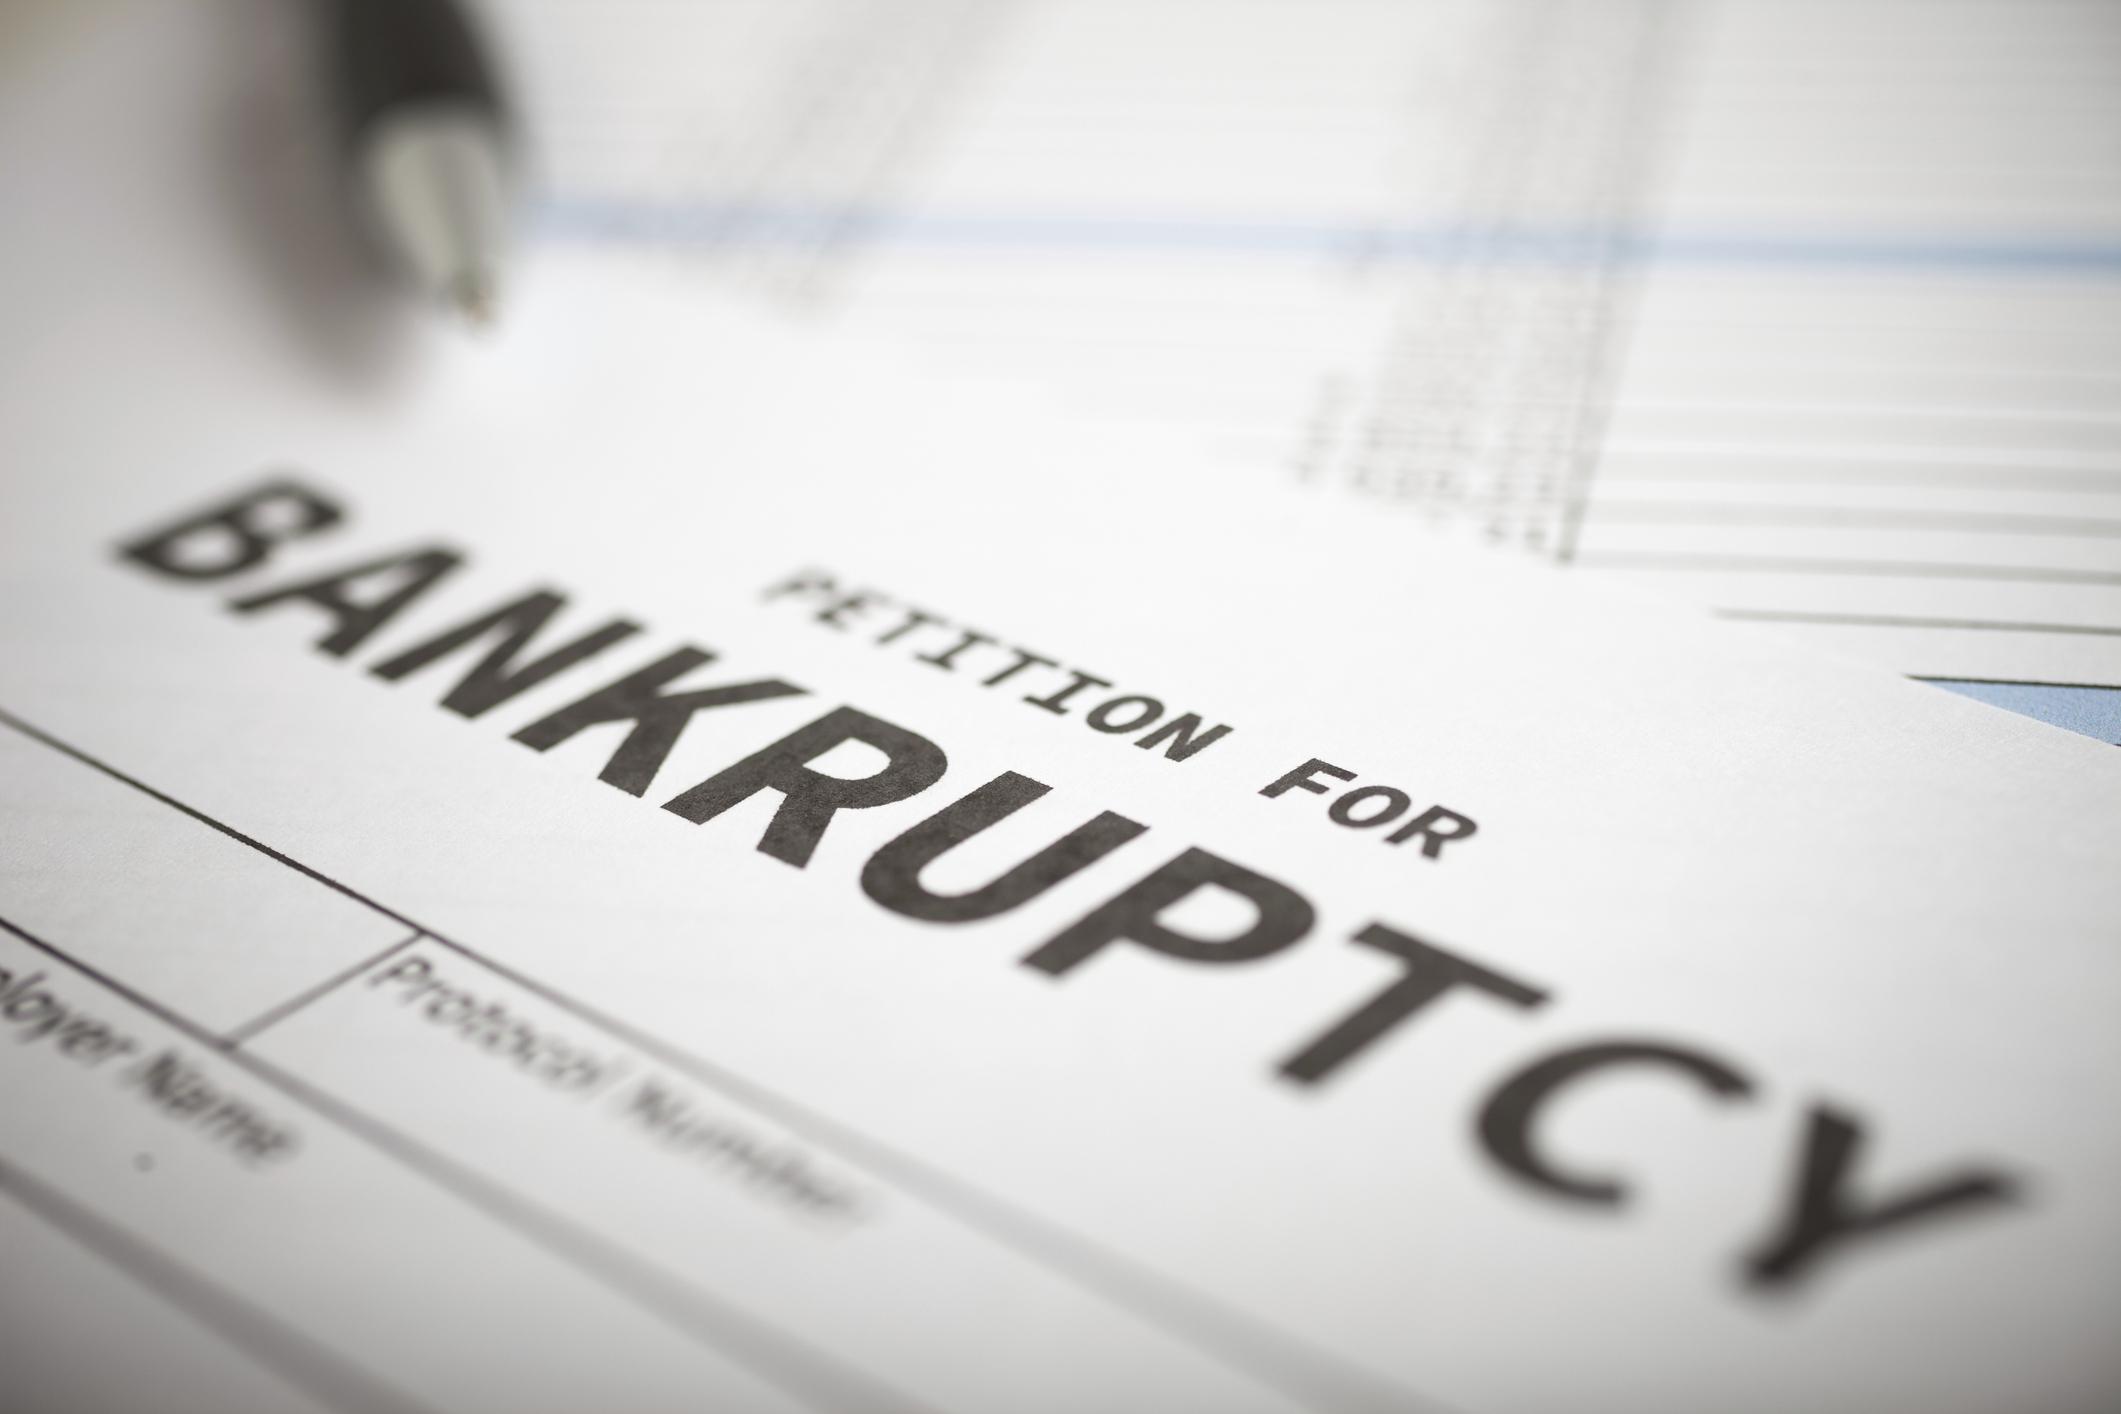 A bankruptcy form